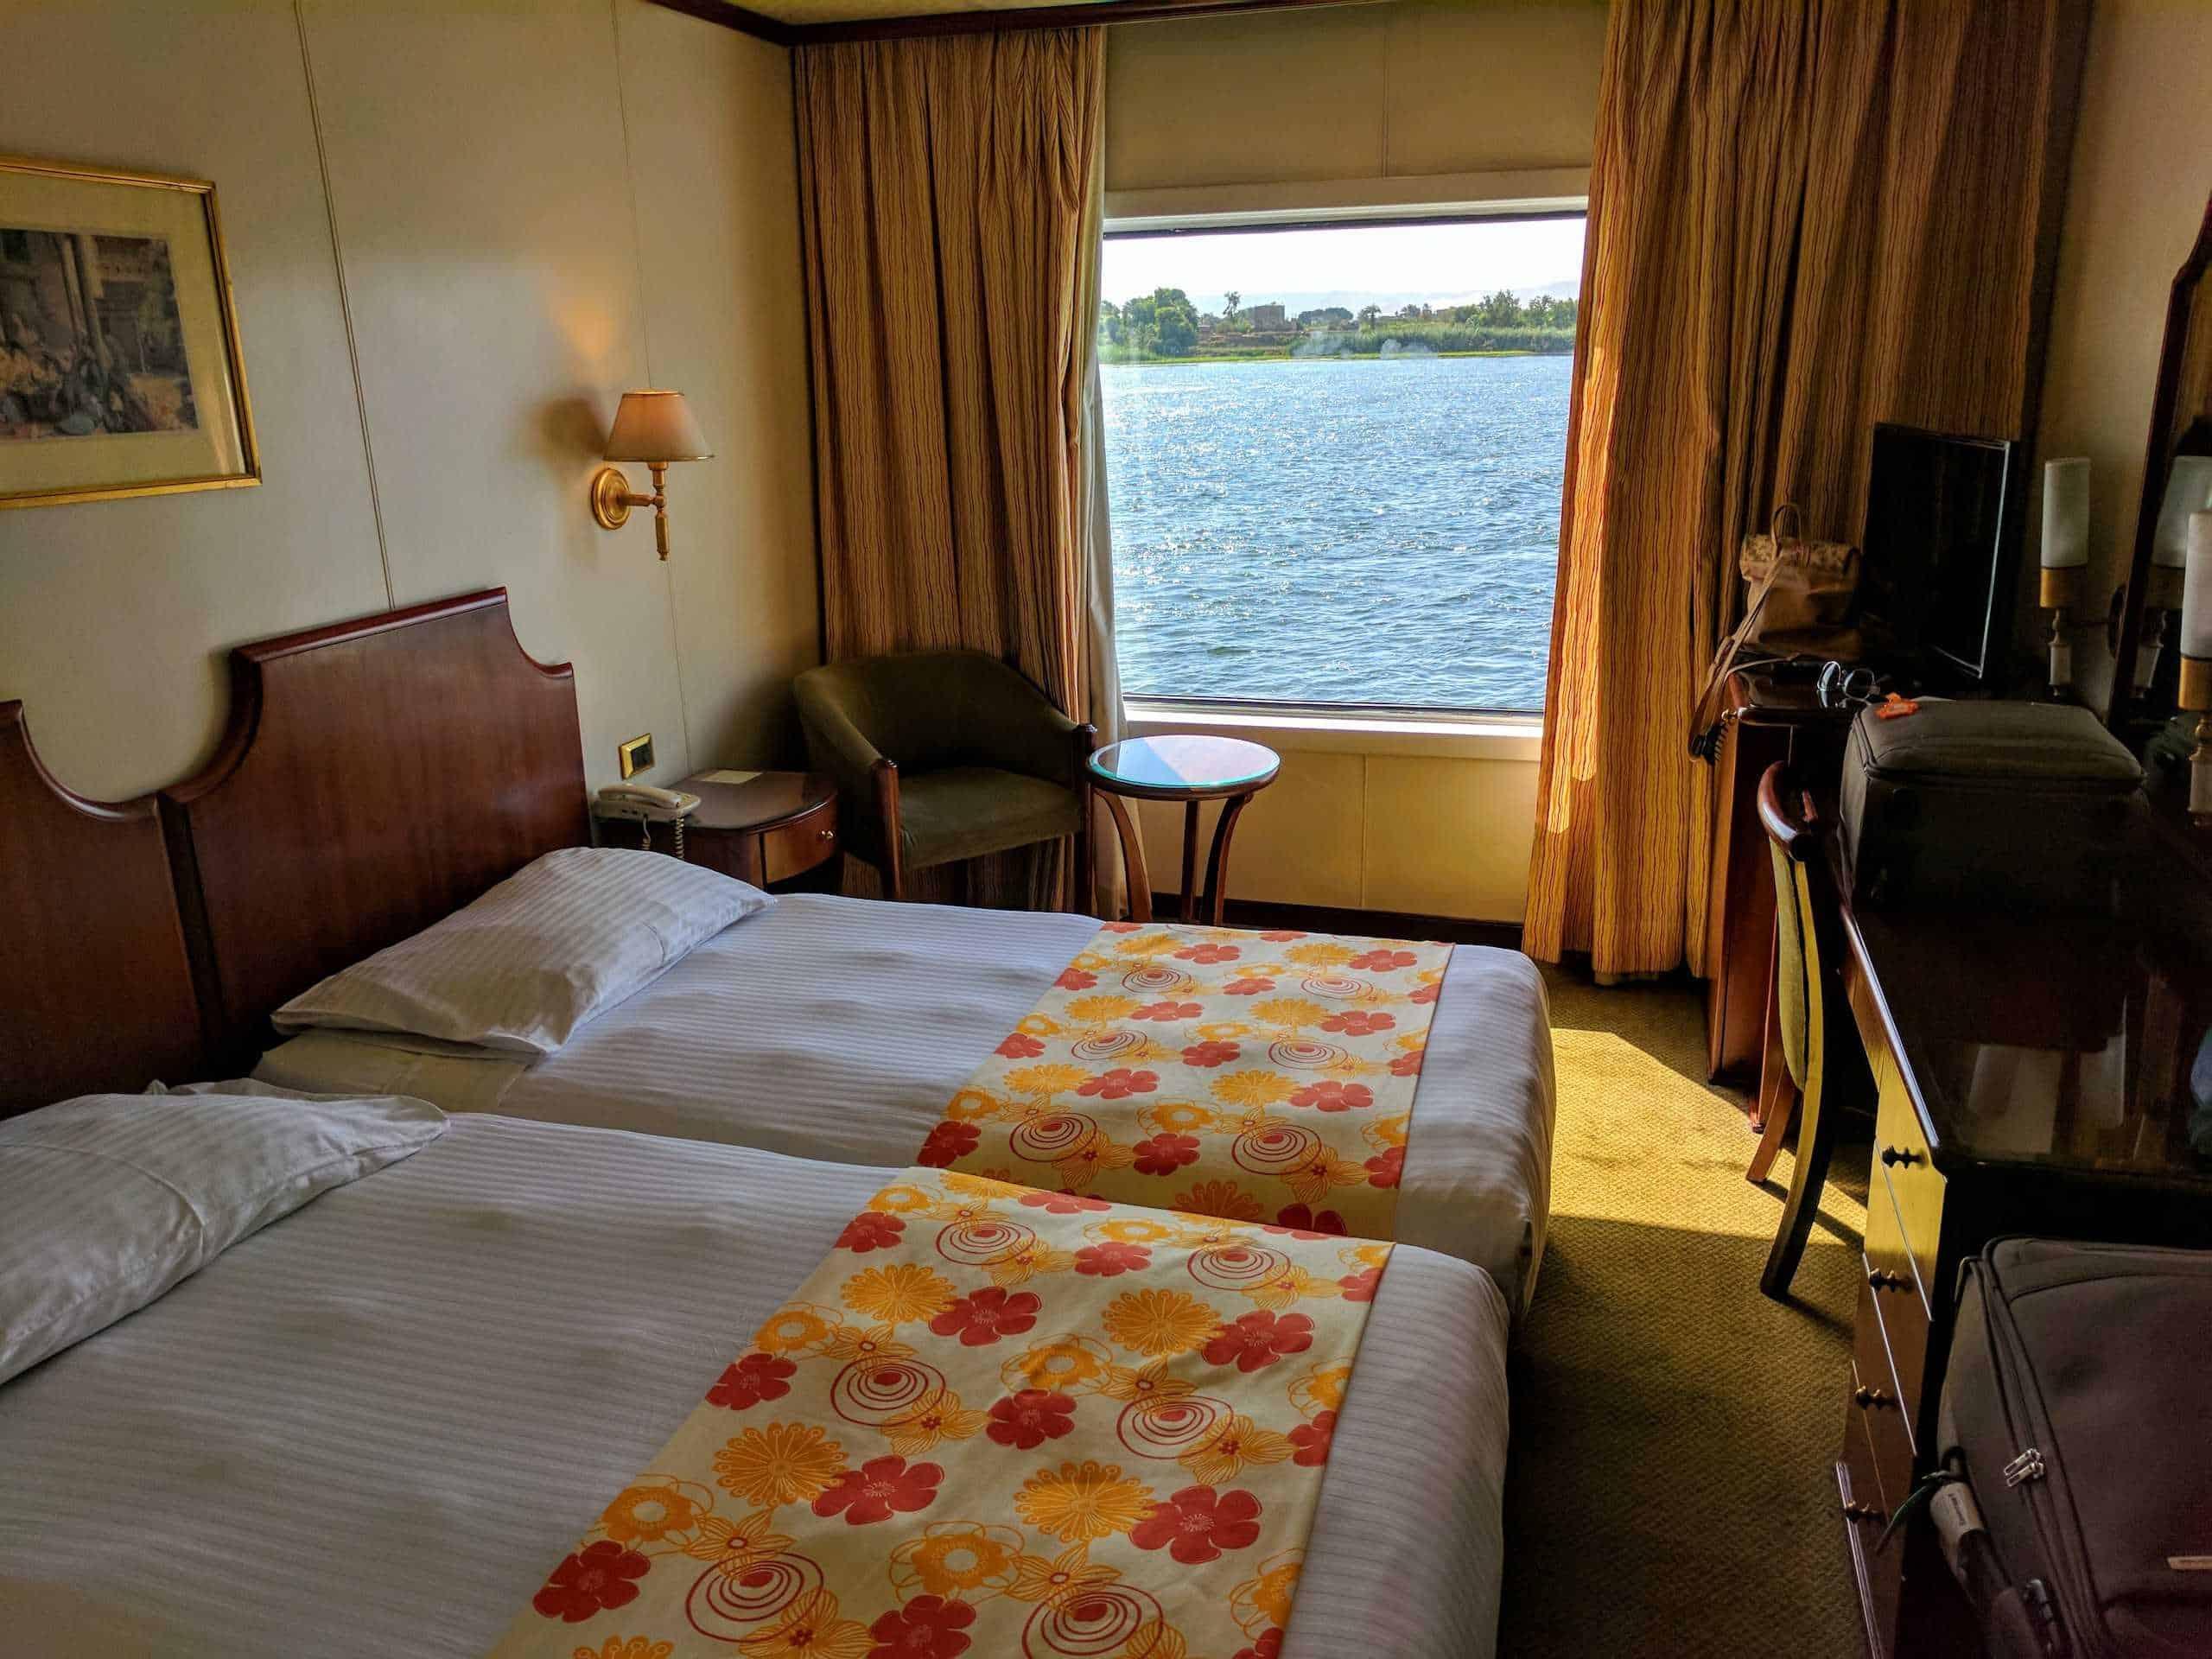 Cabine no navio com vista para o Rio Nilo.